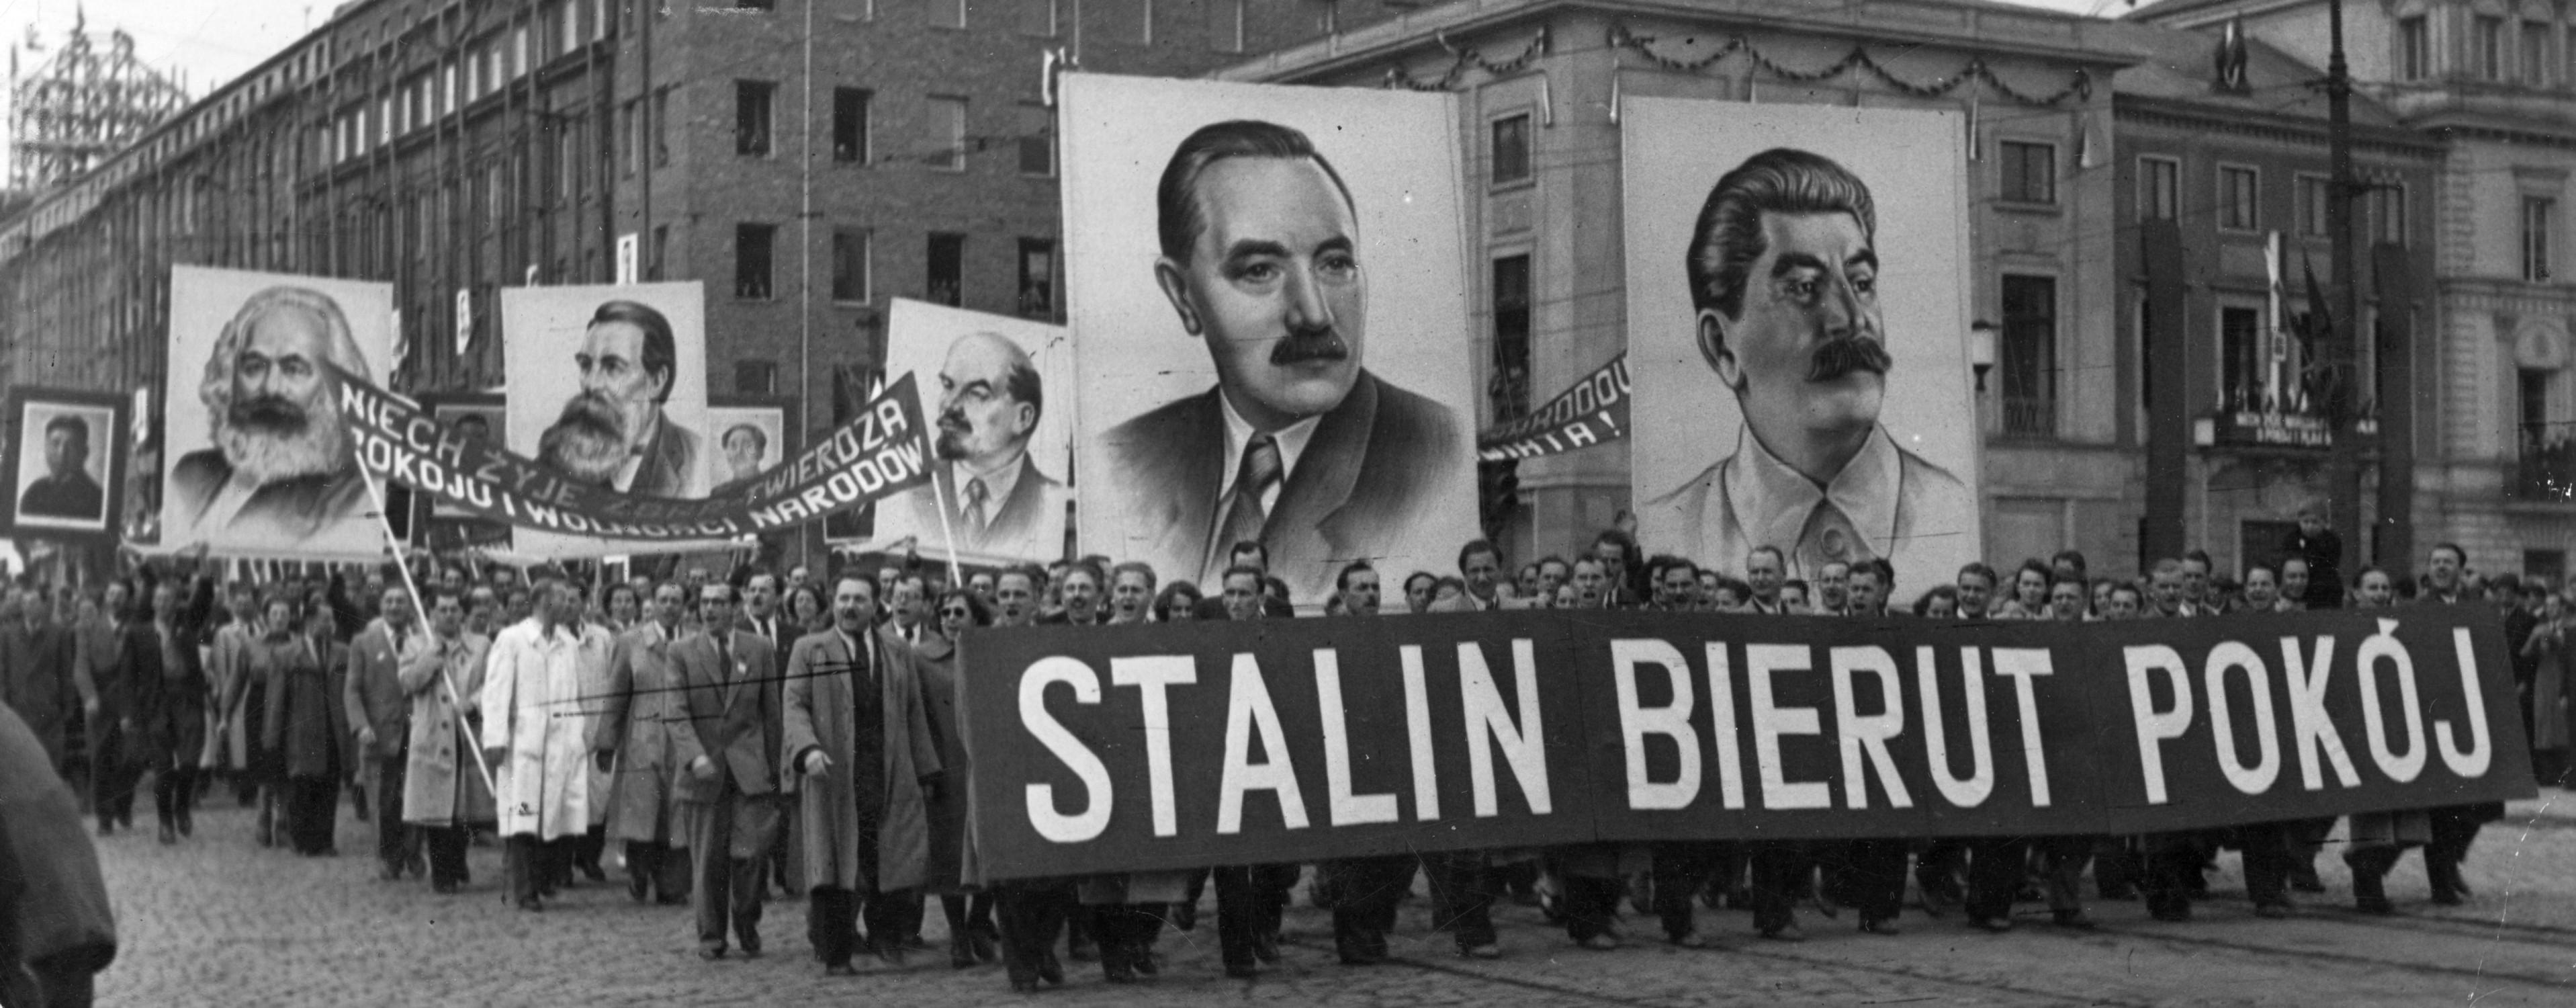 Pochód pierwszomajowy w Warszawie, 1951 r. (fot. Eastnews)